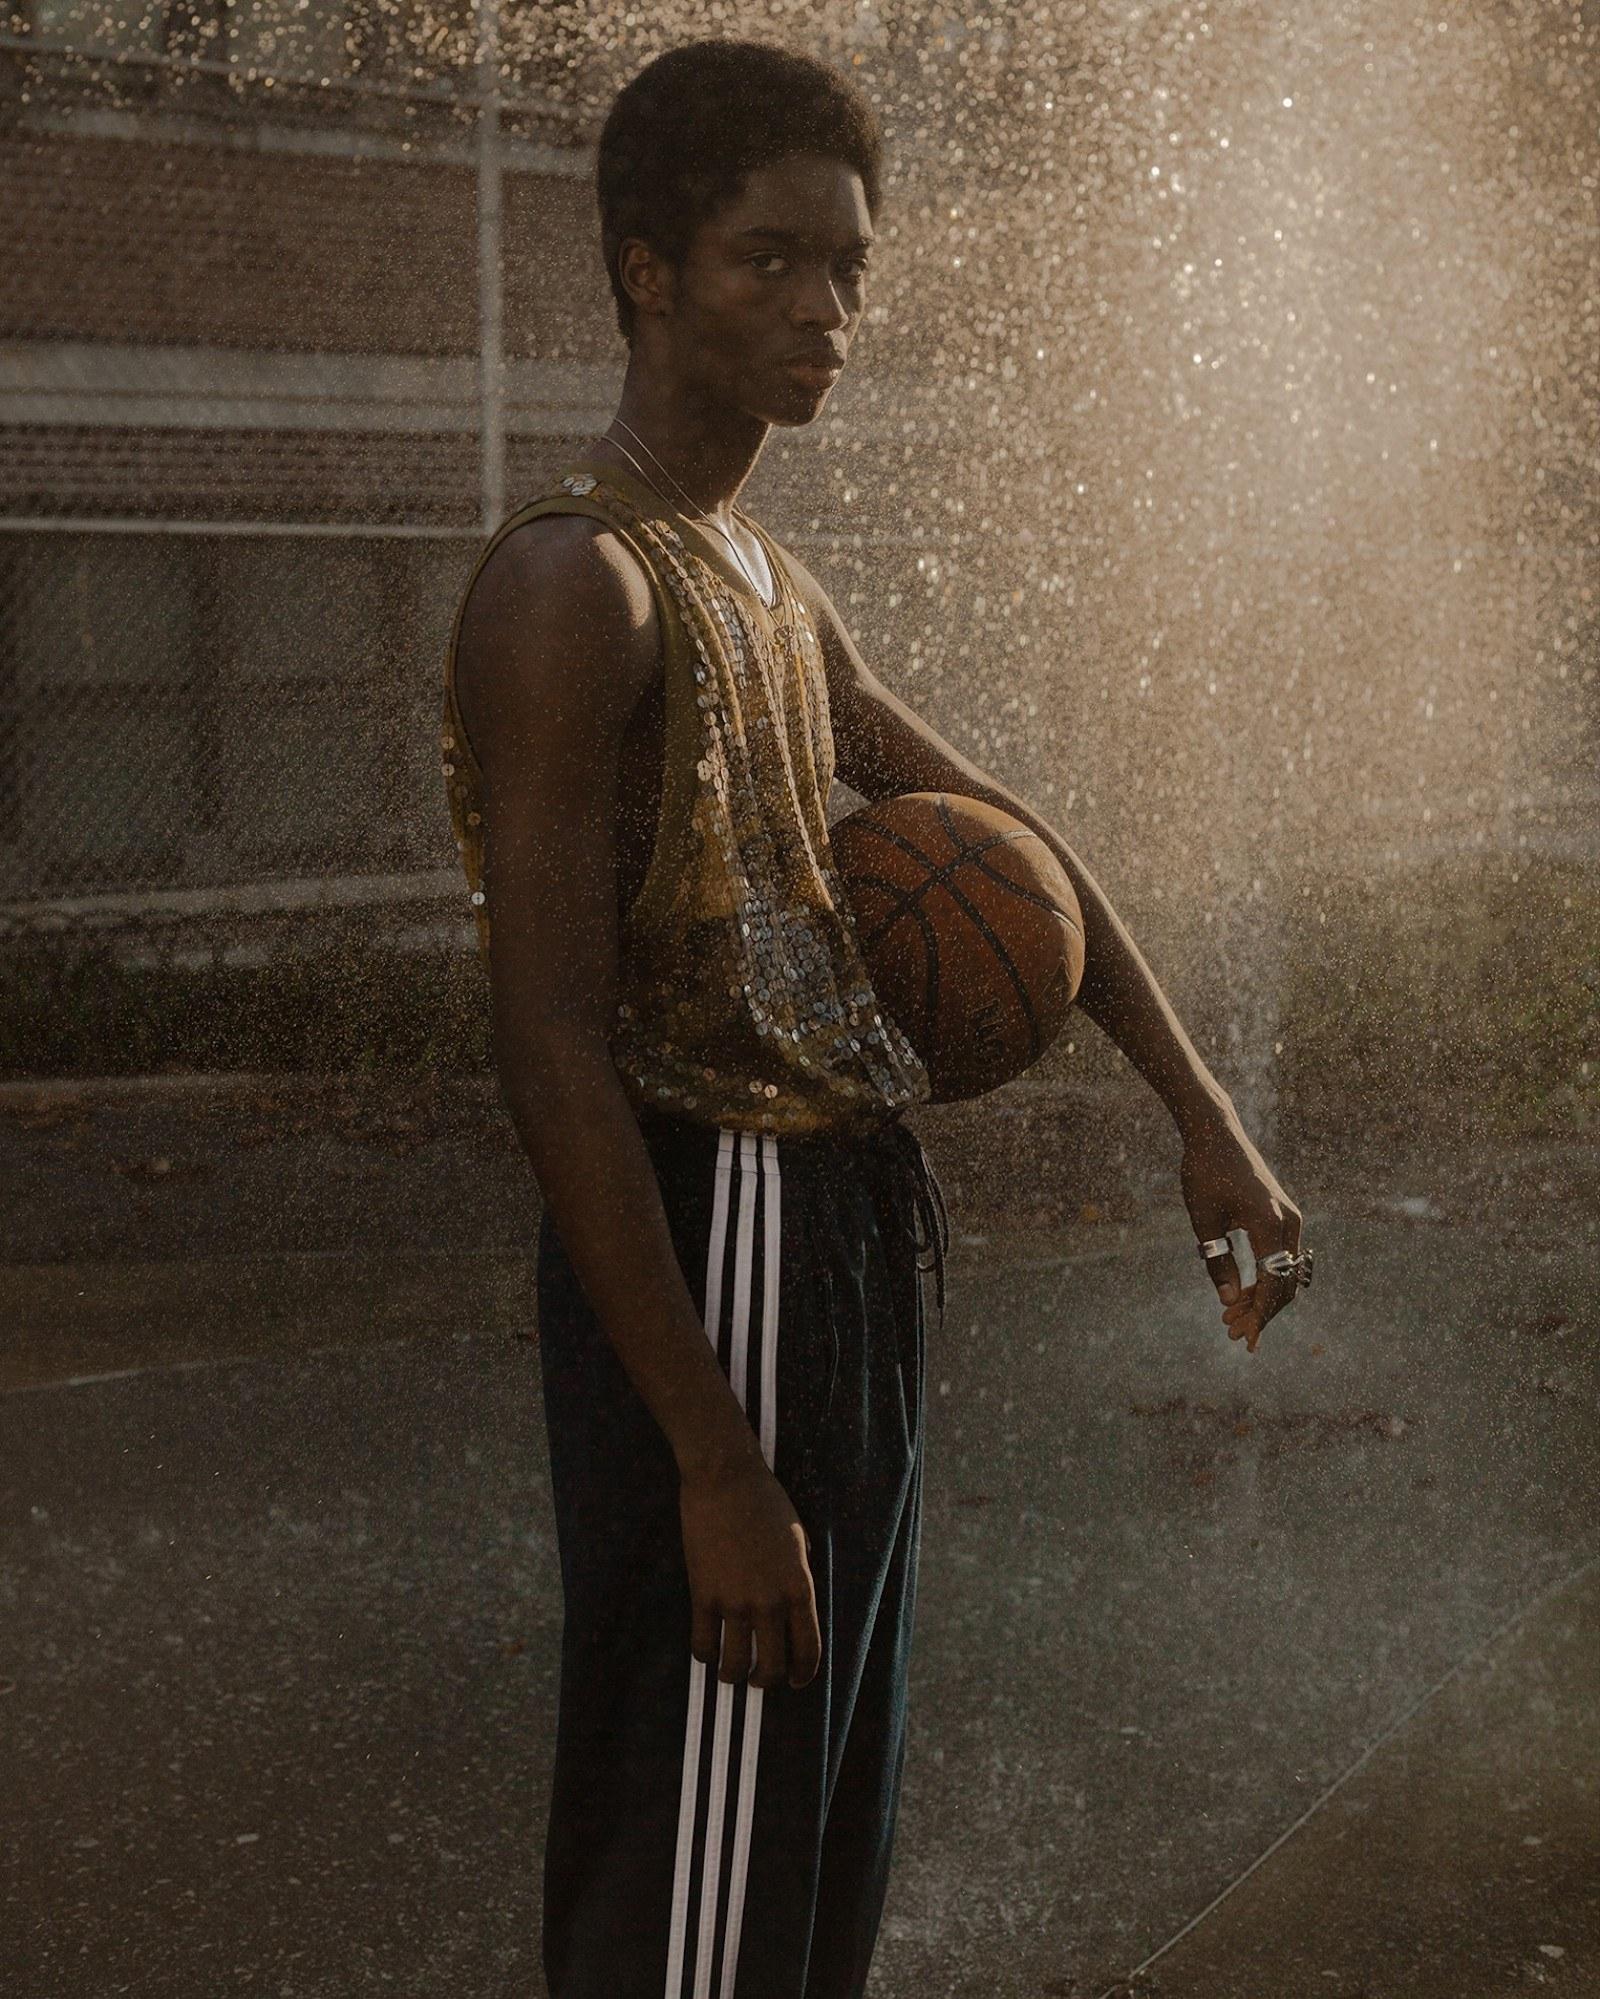 IGNANT-Photography-Micaiah-Carter-001